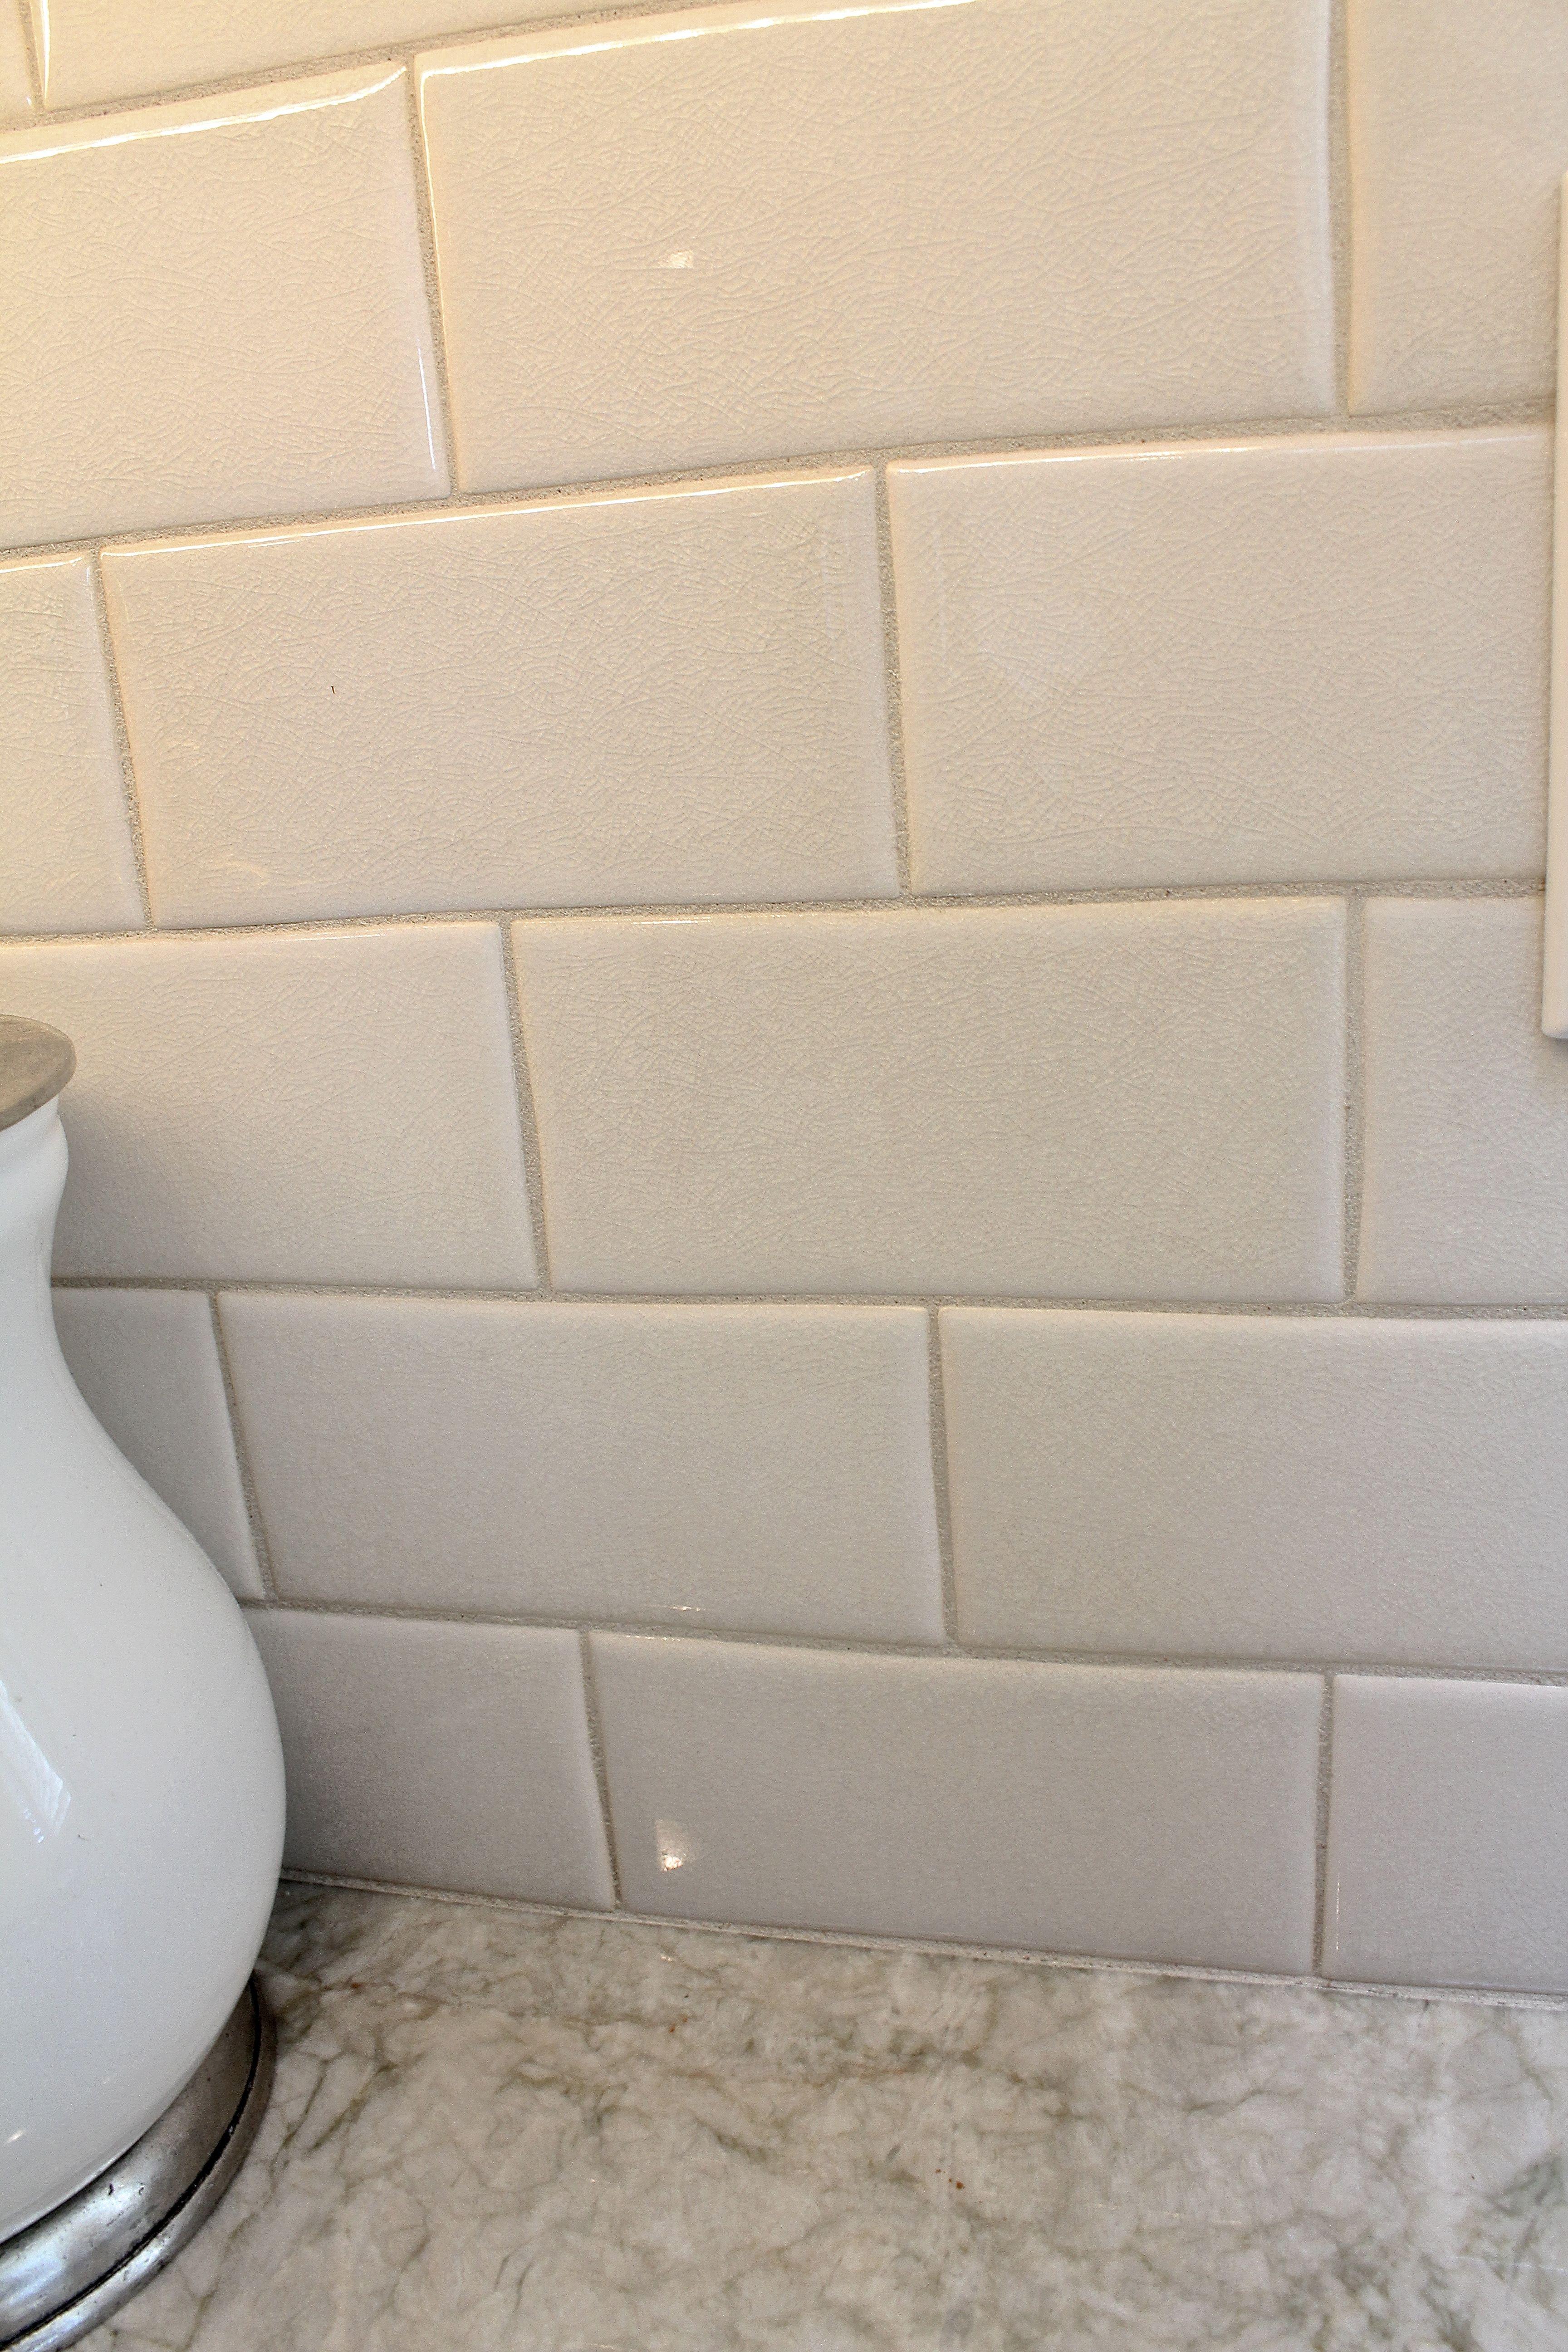 otm rixi 25x5 subway tile color mandorla with madra perola quartzite counters u bahn fliesenfarbenu bahn fliesenbacksplash ideenwei - Ubahn Fliese Backsplash Ideen